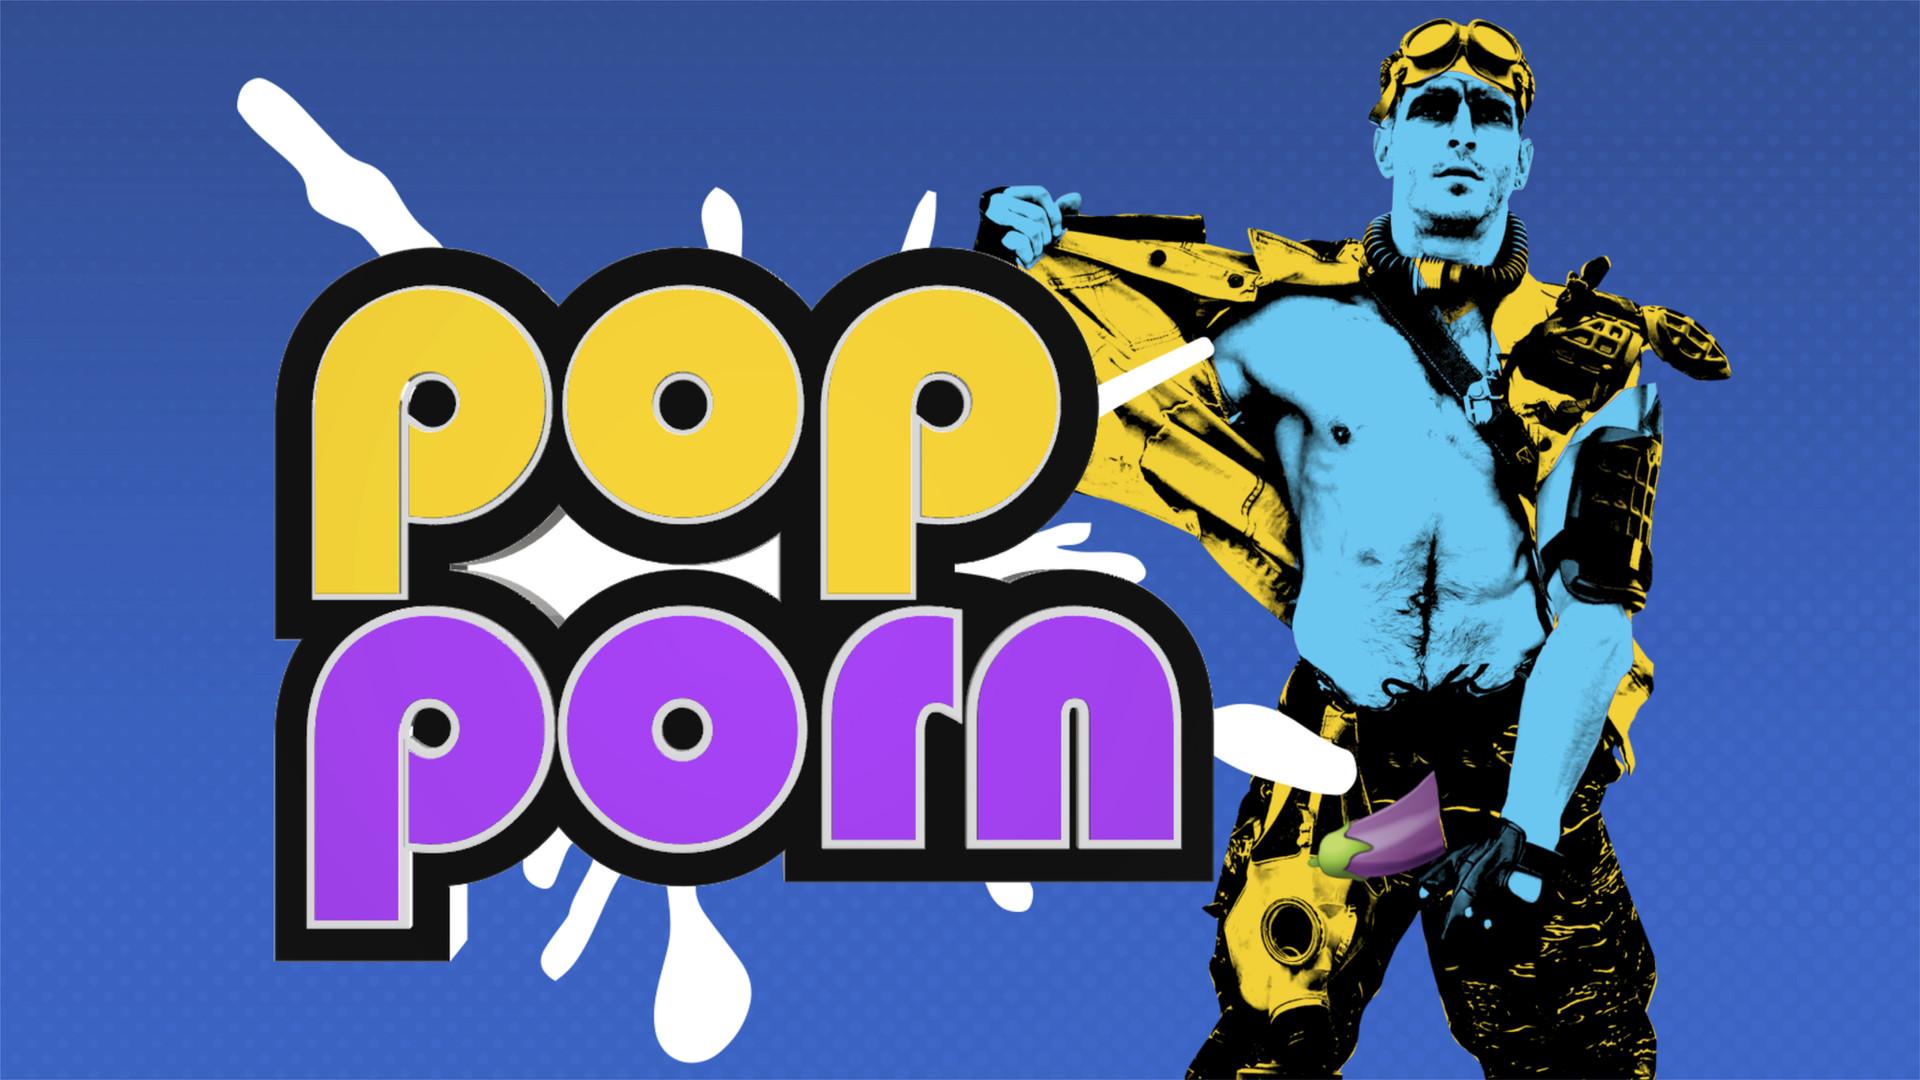 PopPorn_poster04_test.jpg